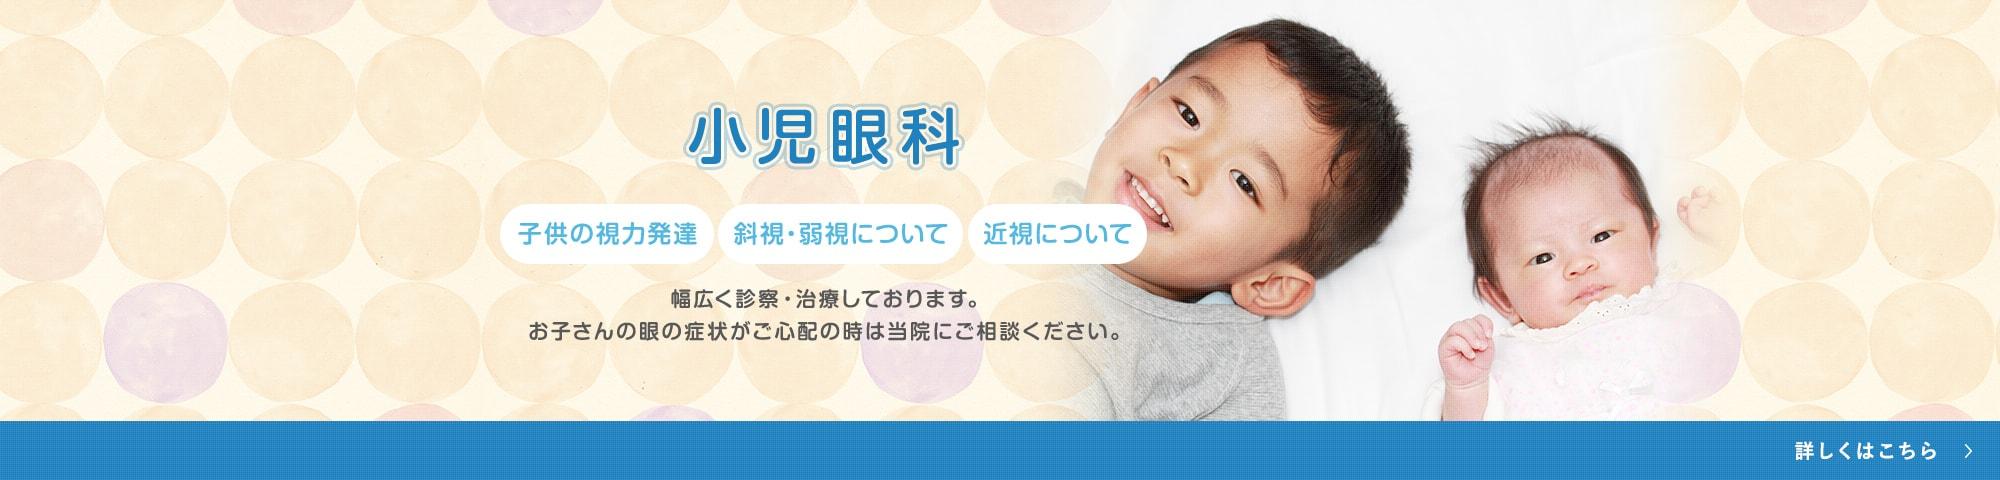 小児眼科 子供の視力発達 斜視・弱視について 近視について 幅広く診察・治療しております。お子さんの目の症状がご心配の時は当院にご相談ください。